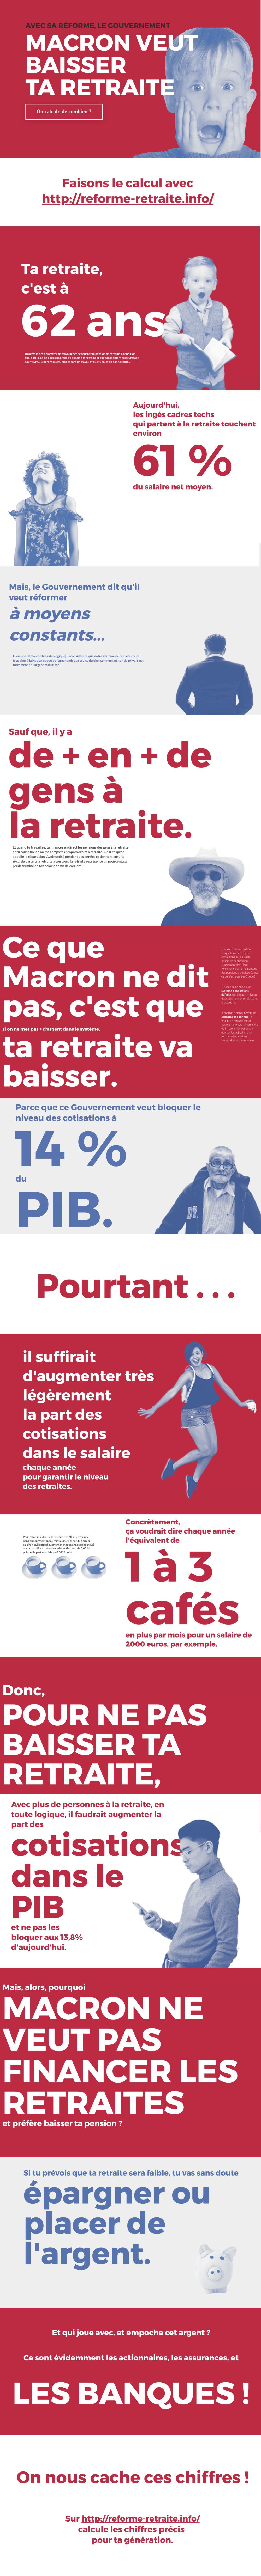 Infographir reforme retraite info